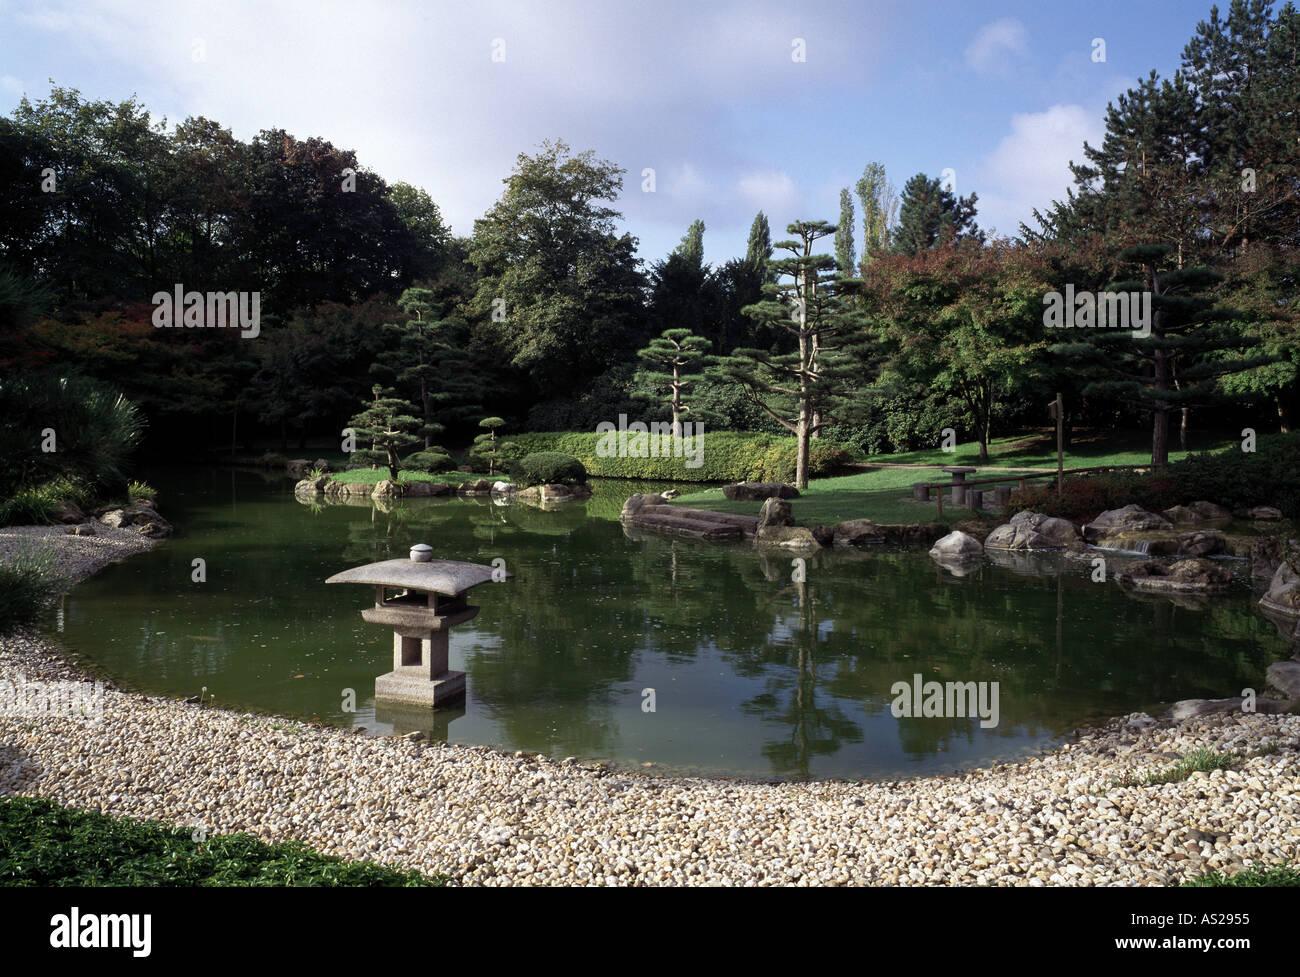 Düsseldorf Nordpark Japanischer Garten Stock Photo 1583444 Alamy